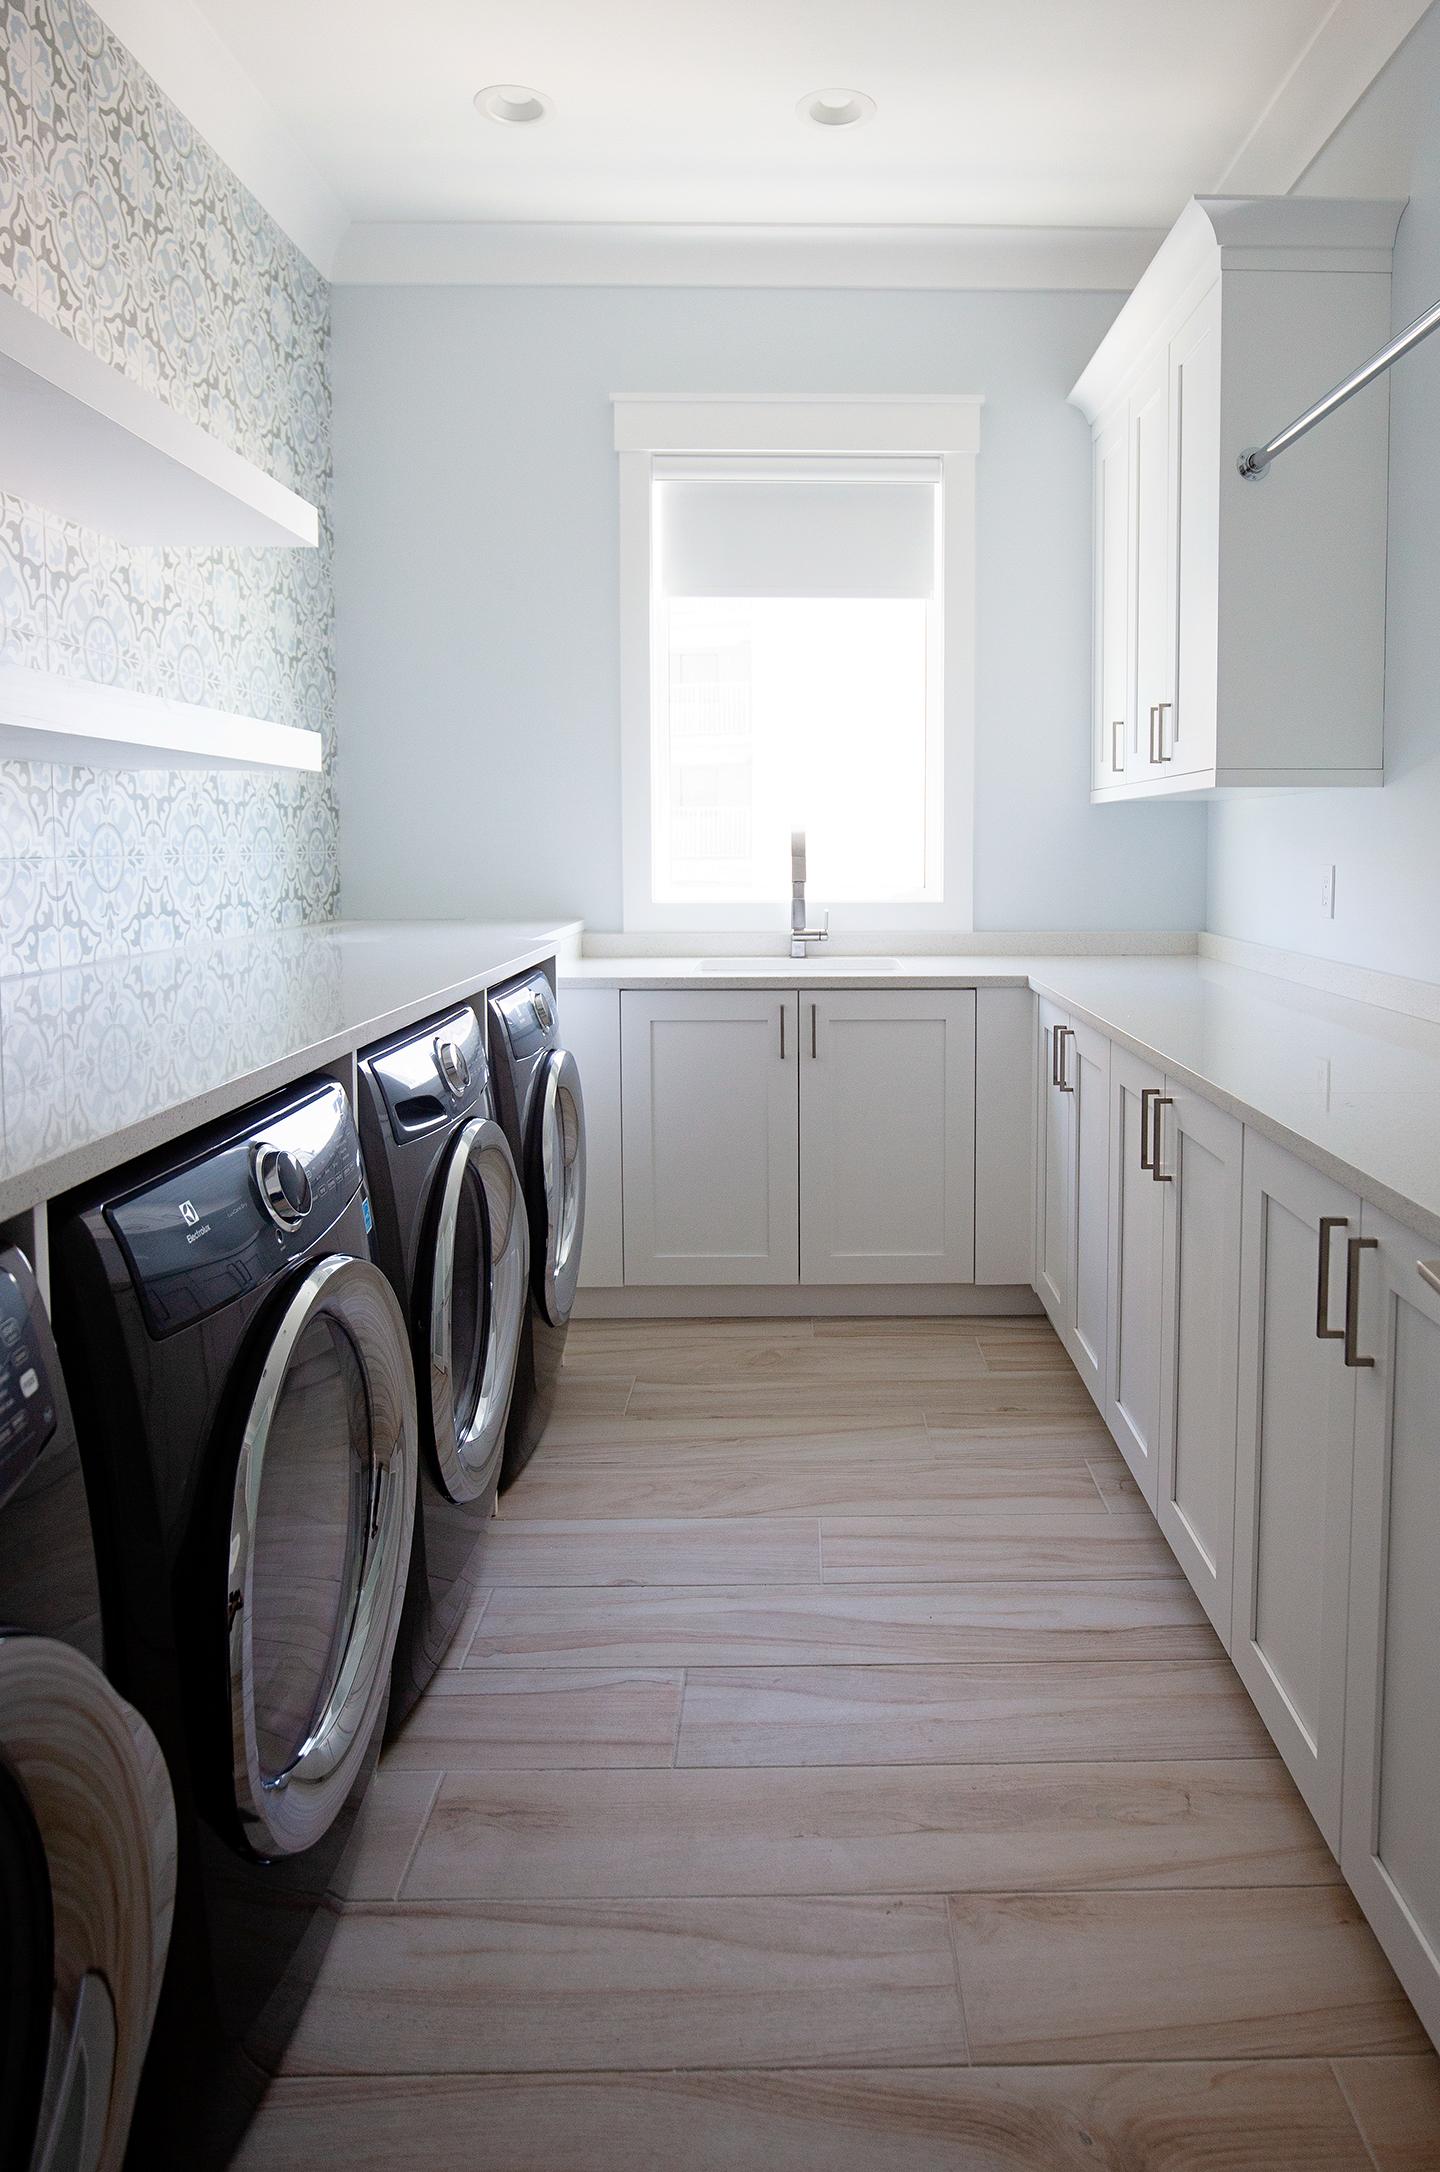 Marquis-Classico-Laundry-Room1